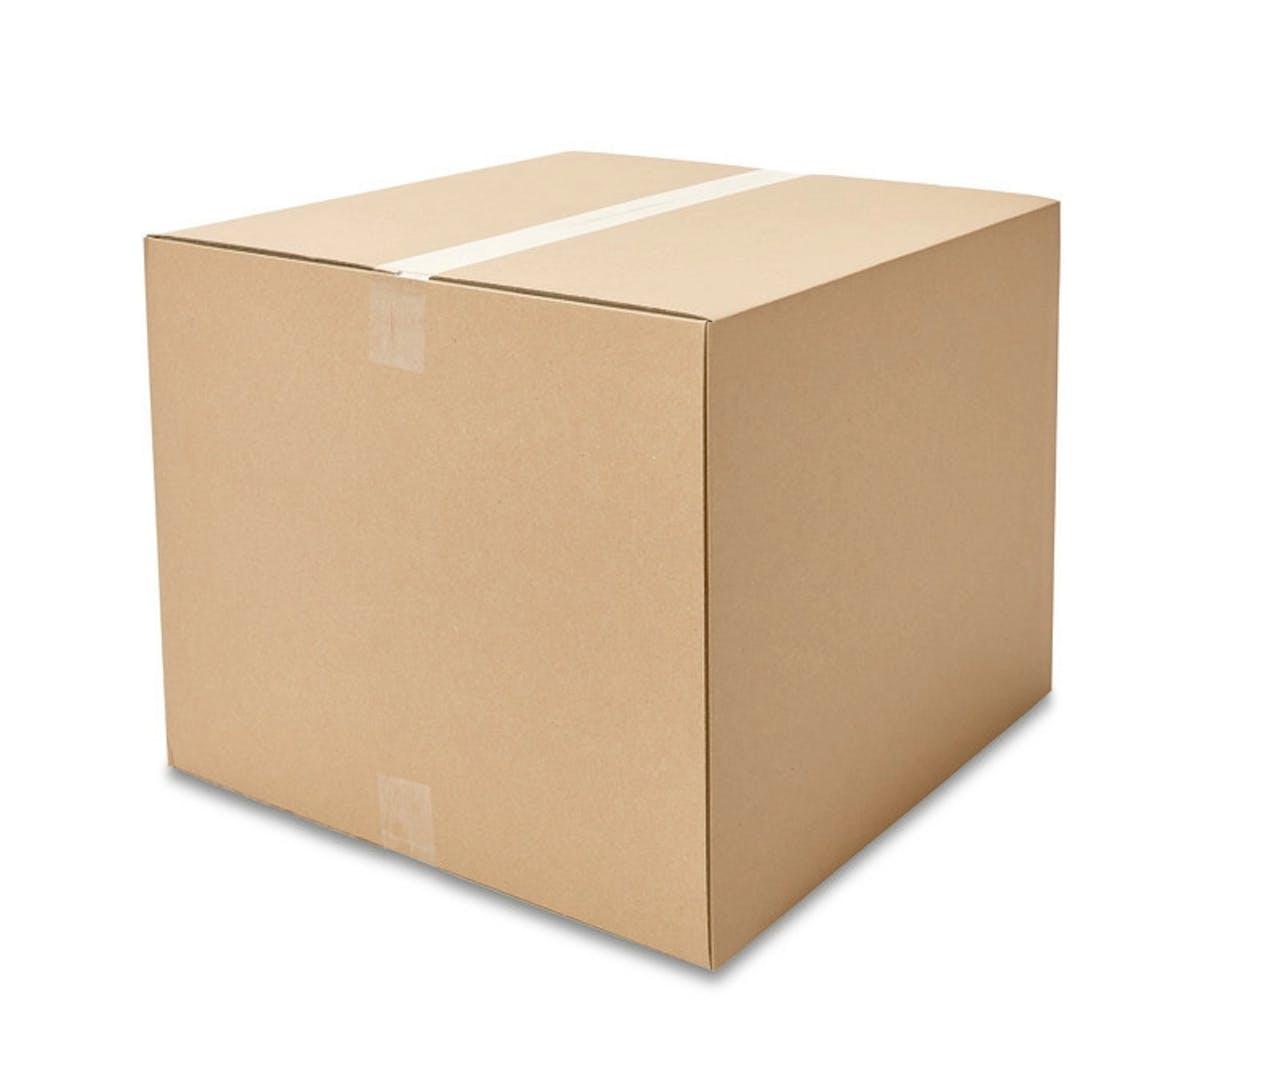 Caisses pliantes carton ondulé ECONOMY, 500à 599mm de longueur